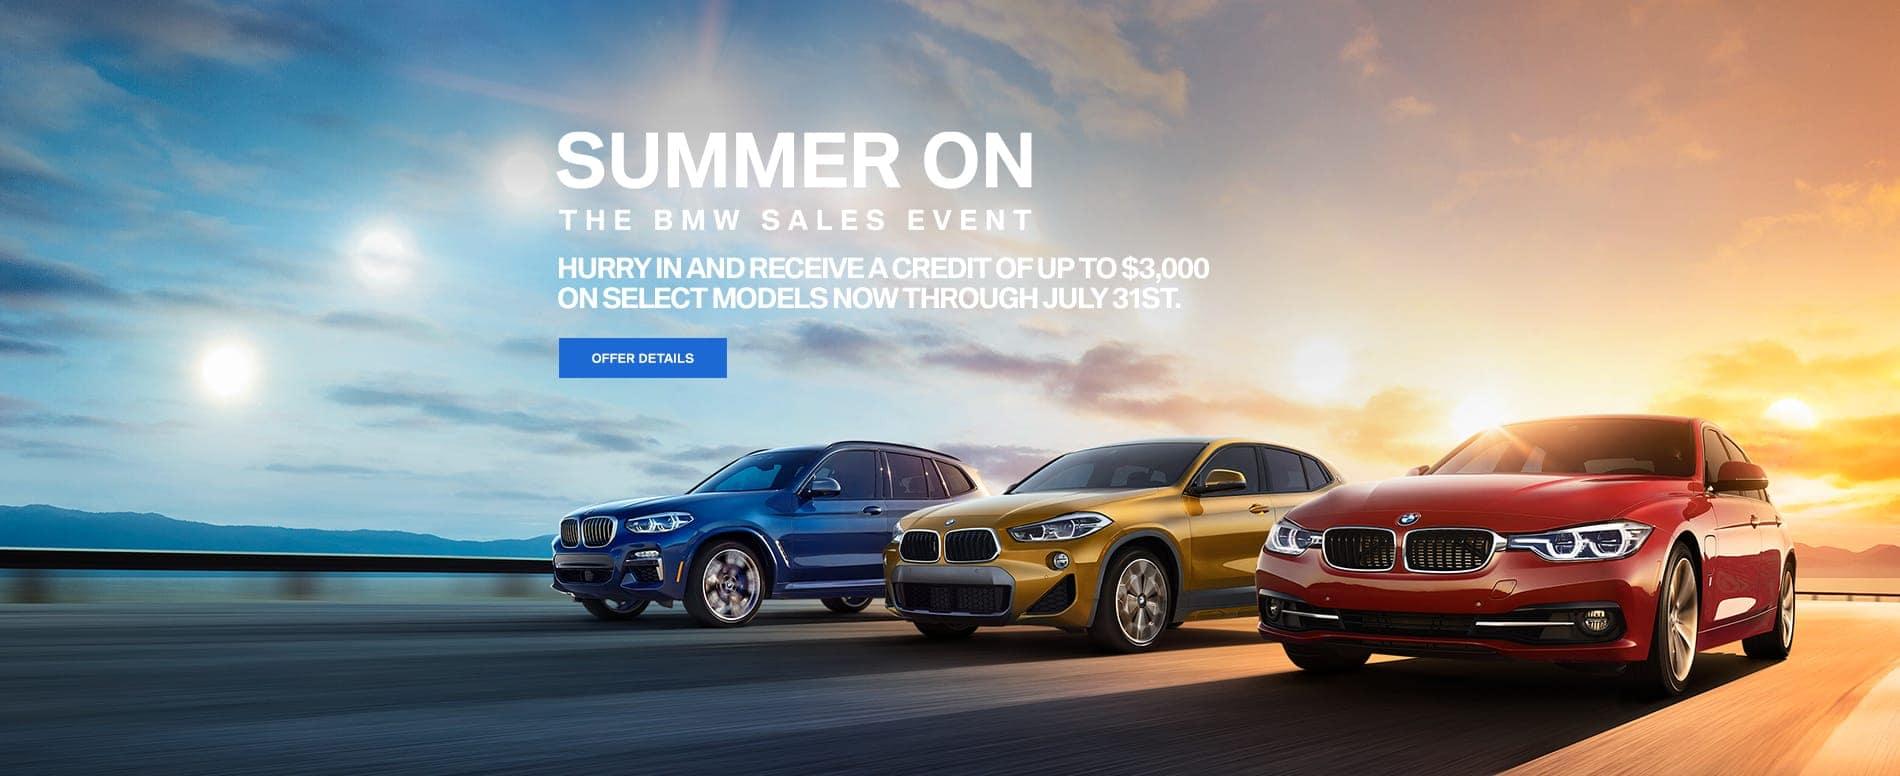 BMW_Summer_On_2018_FMA